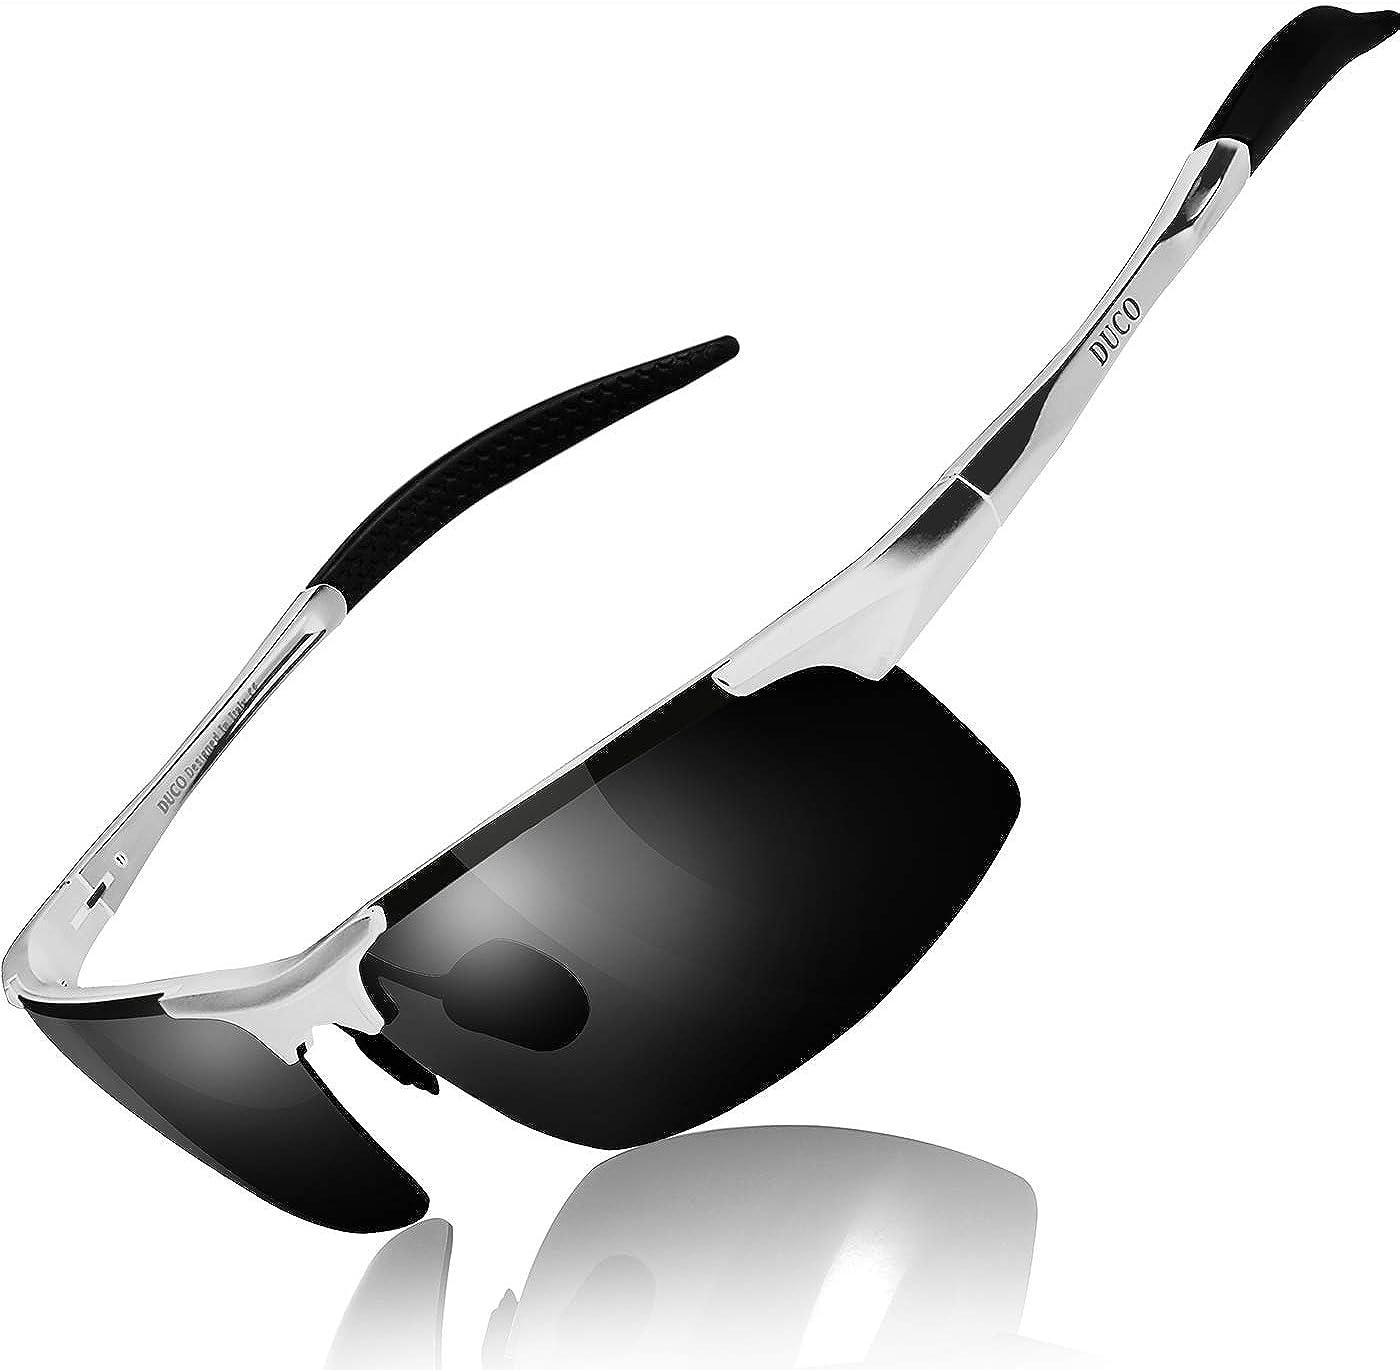 Duco Lunettes de soleil homme Lunettes de sport polarisées - Lunettes de conduite avec monture en métal Incassable - 100% anti UV400-8177S Zilver